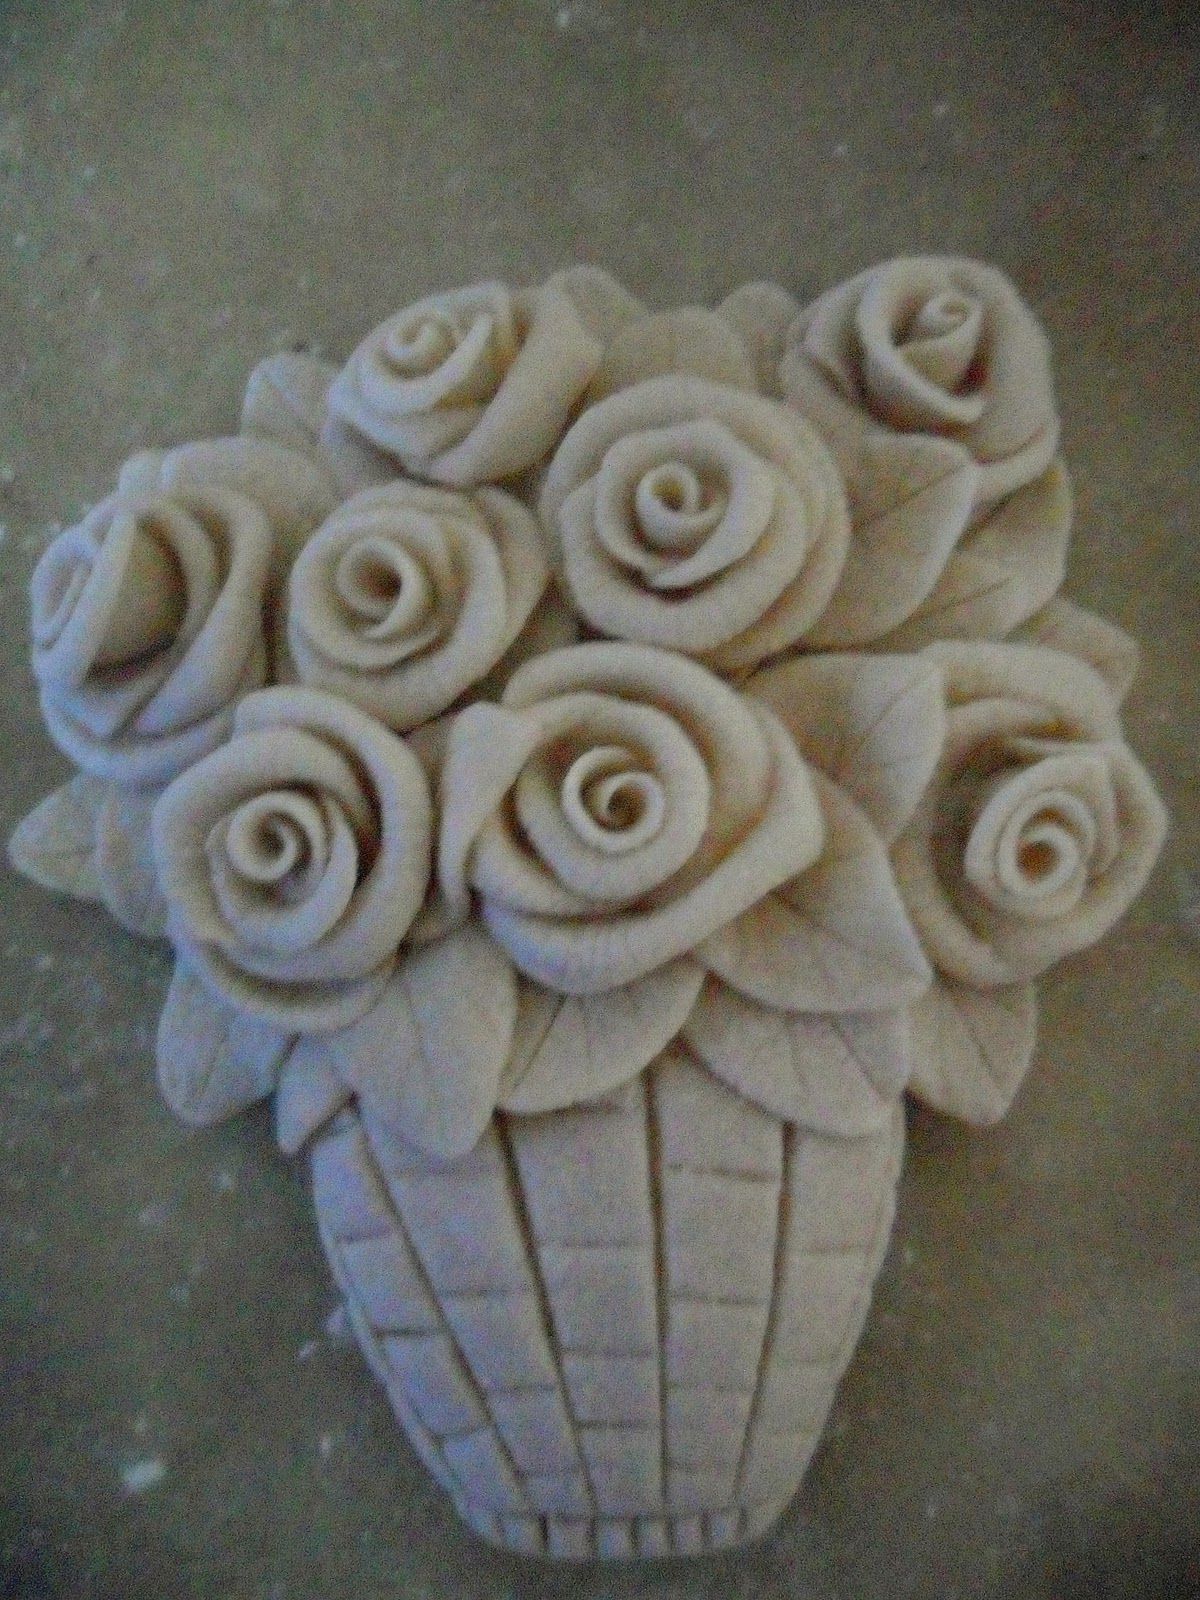 Цветы и листья из соленого теста мастер-класс - Колобок 20